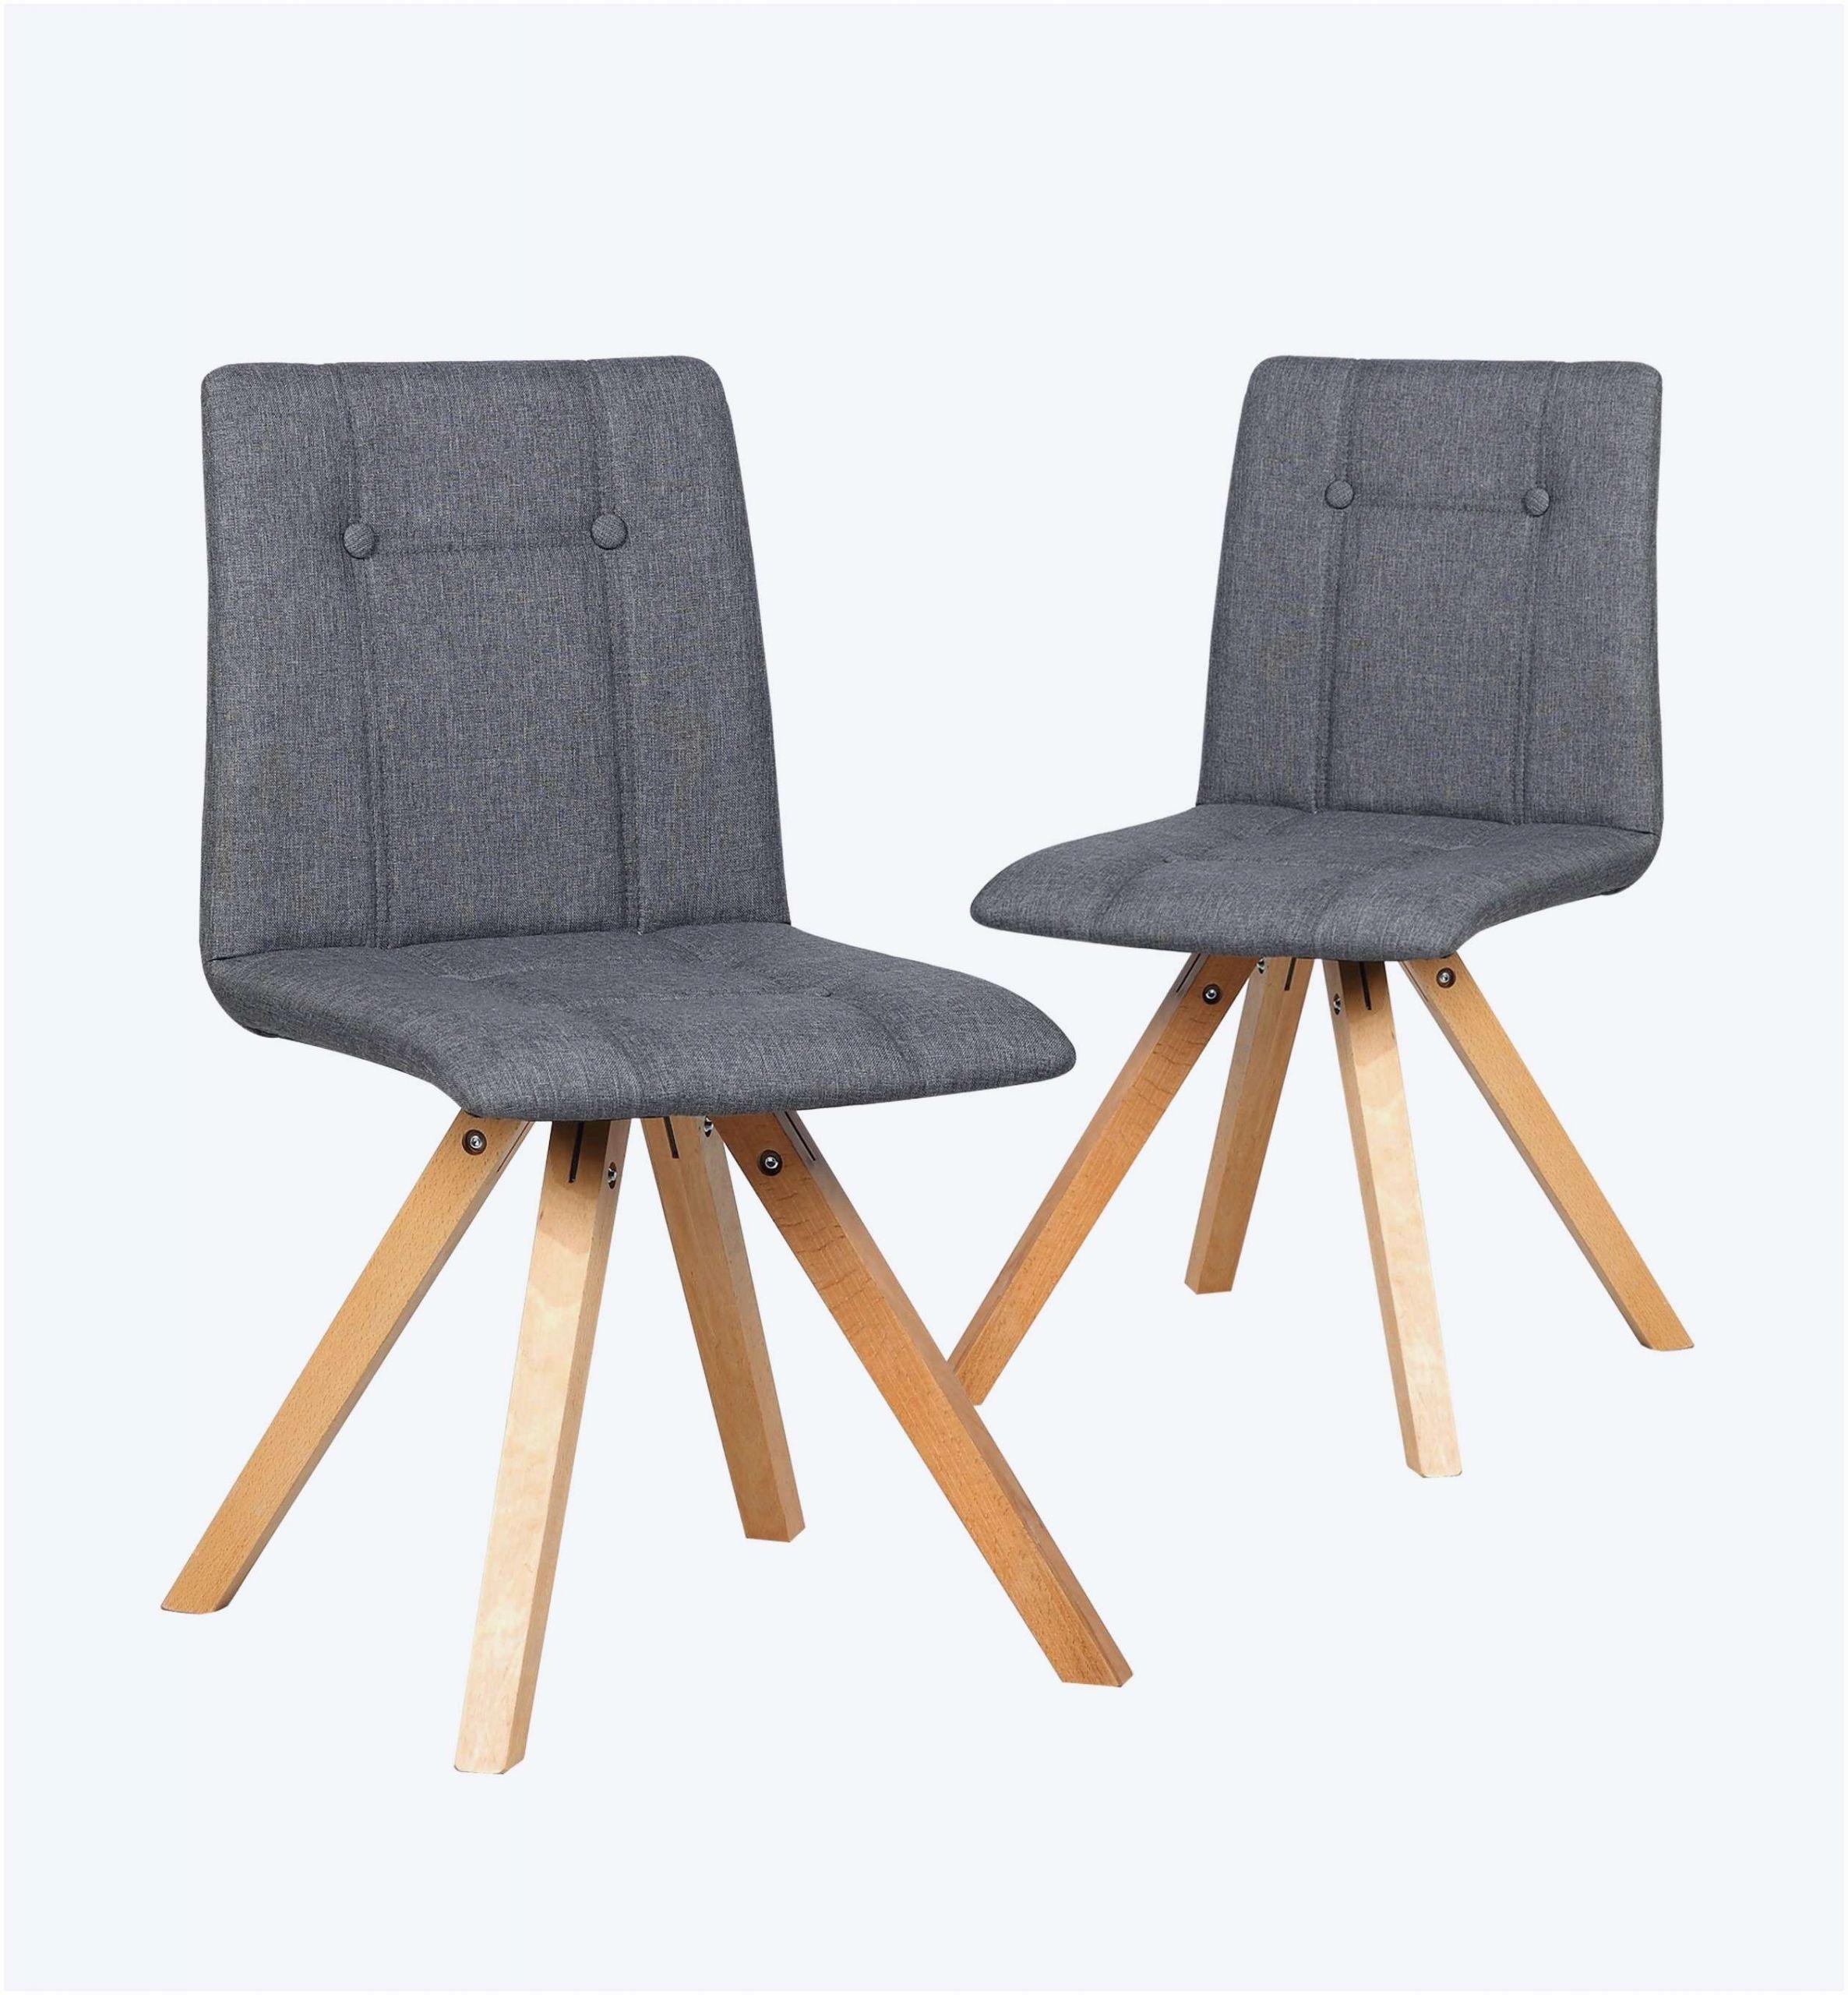 Plan De Travail Pas Cher Bois chaise en bois pas cher nouveau de chaise plan de travail